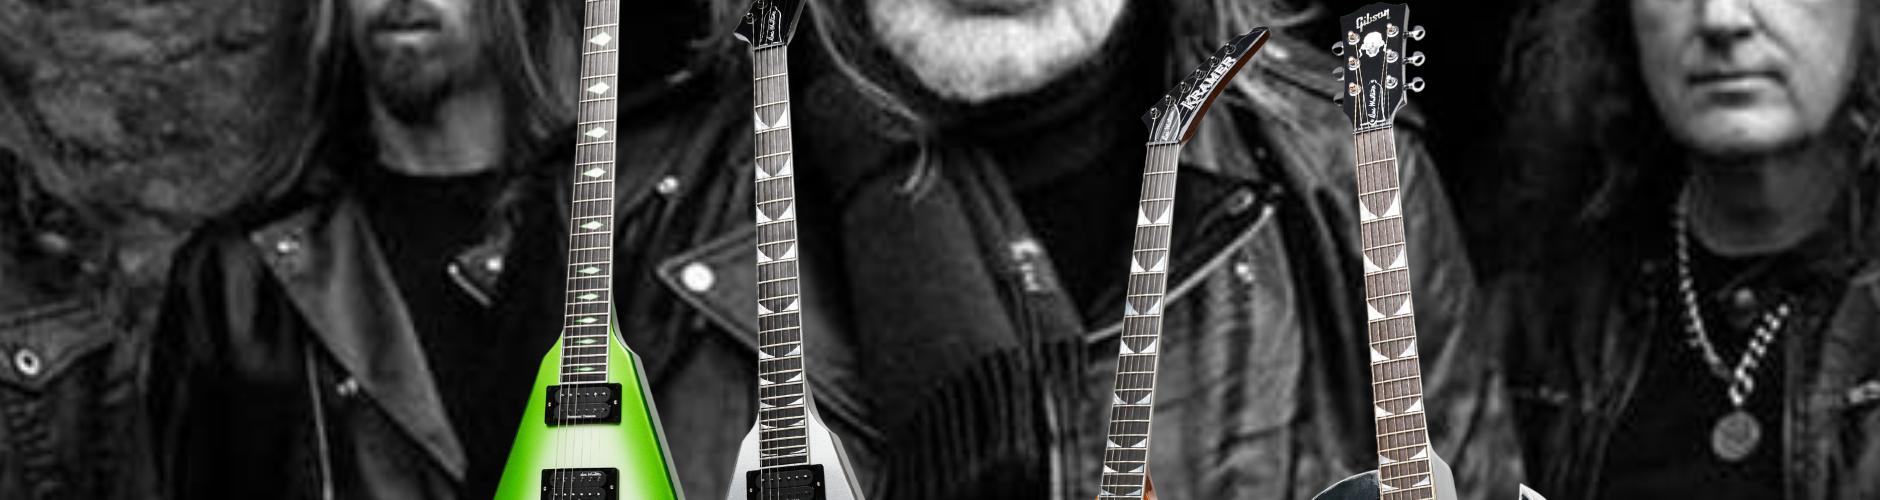 Dave Mustaine chez Gibson : les premiers nouveaux modèles enfin dévoilés